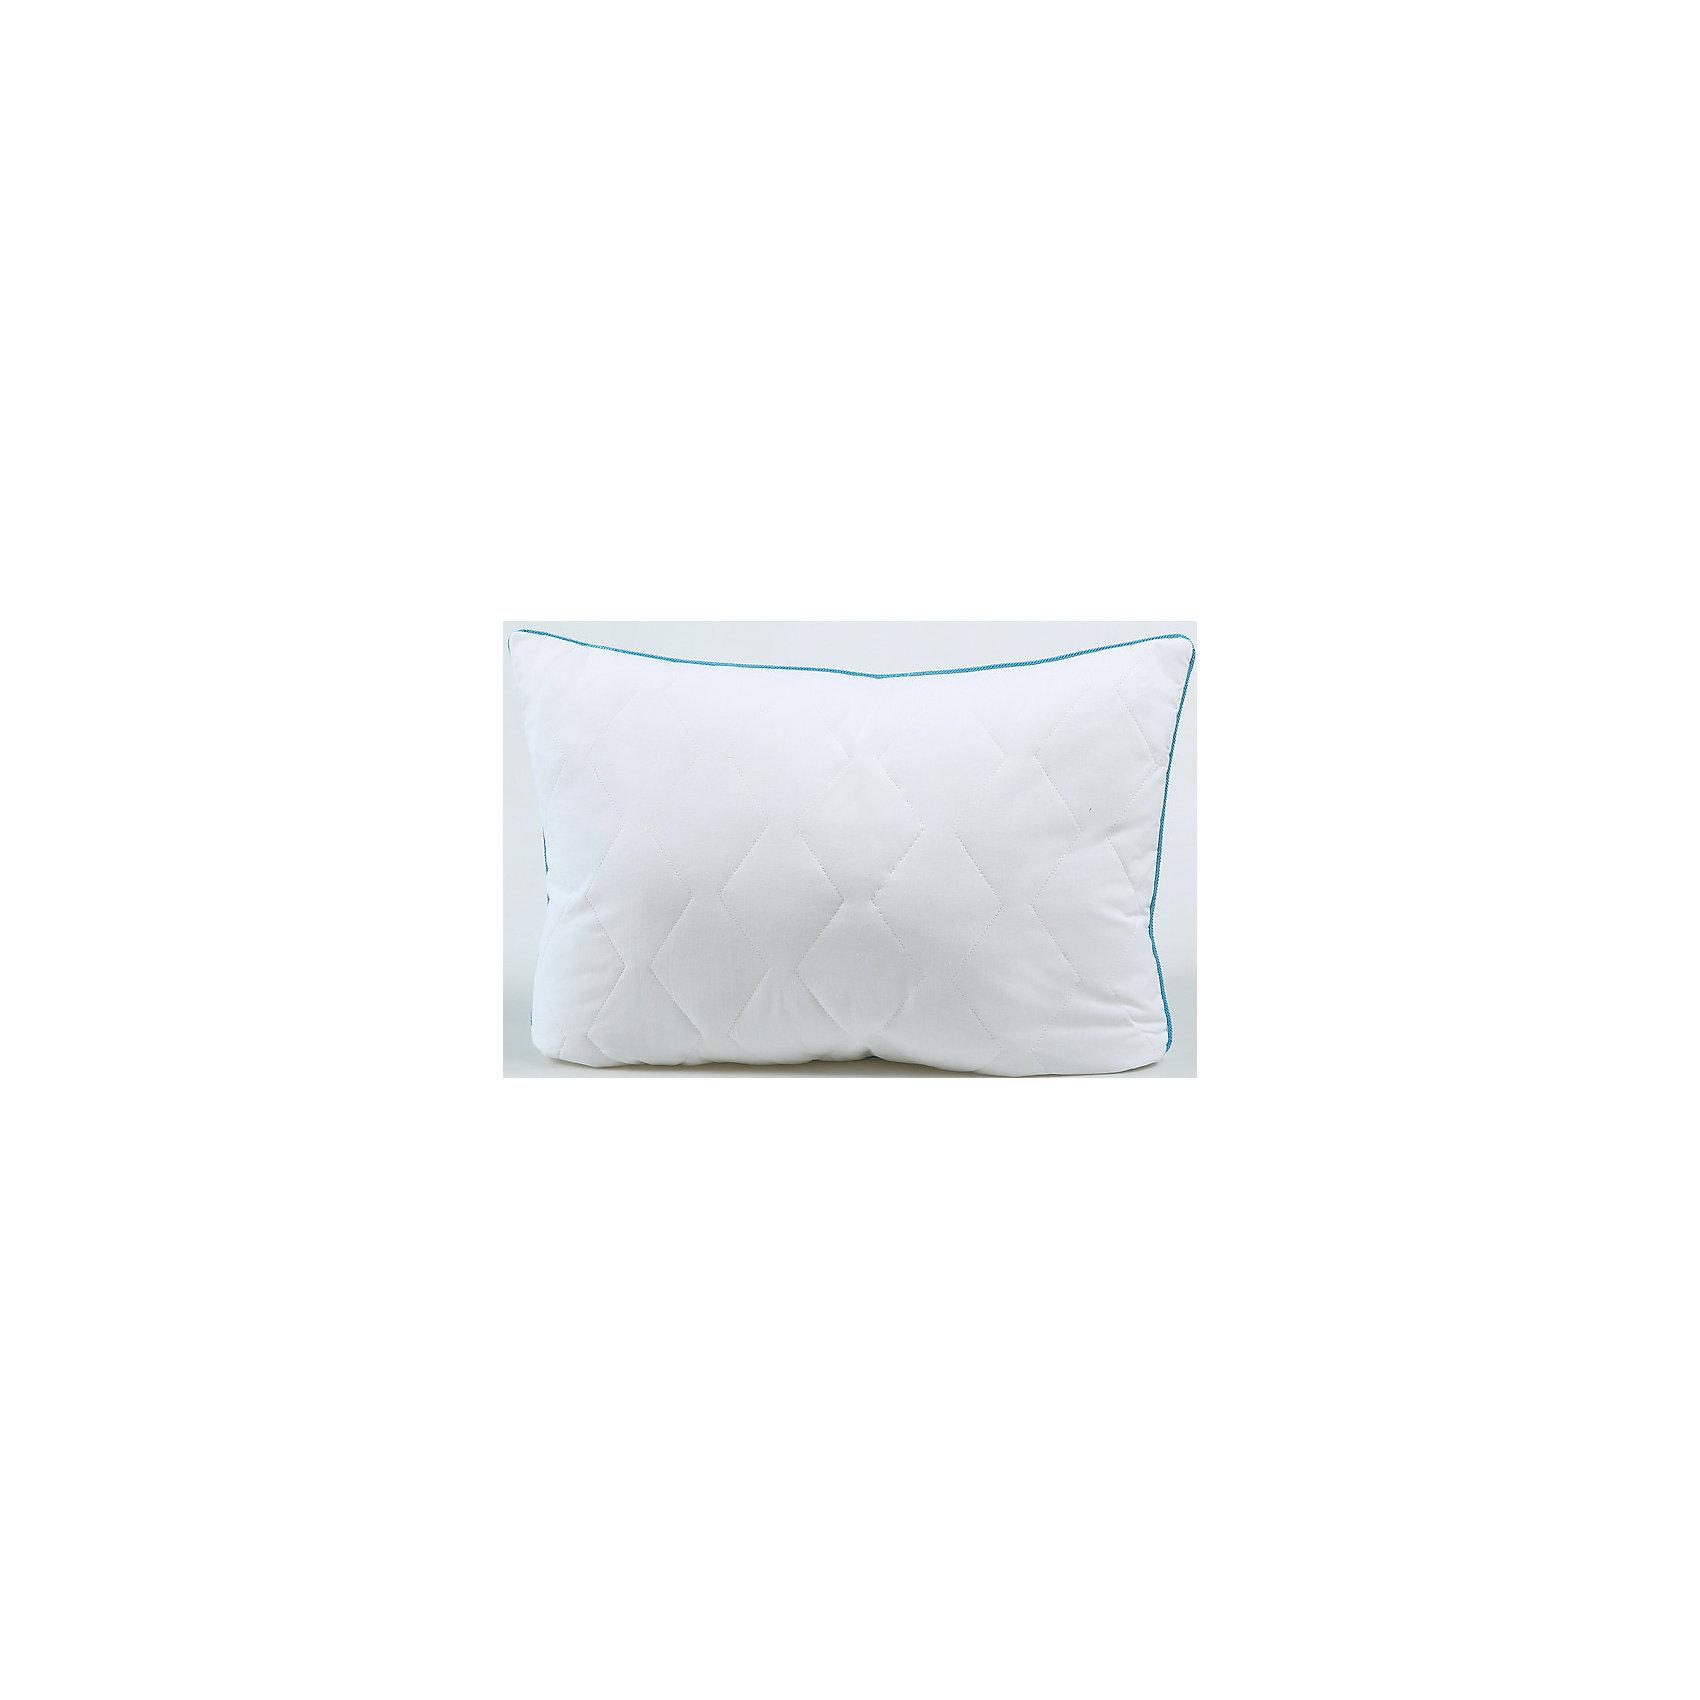 Подушка  Белый лебедь Classic, 50*70, Mona LizaХарактеристики:<br><br>• Вид домашнего текстиля: подушка<br>• Серия: Mona Liza Classic<br>• Сезон: круглый год<br>• Материал: бязь <br>• Наполнитель: синтепон, силиконизированное волокно<br>• Цвет: молочный<br>• Тип упаковки: полиэтиленовая сумка-чехол с ручками<br>• Вес в упаковке: 800 г<br>• Размеры (Д*Ш): 70*70 см<br>• Особенности ухода: сухая чистка<br><br>Подушка 70*70 Белый лебедь Classic, Mona Liza изготовлена под отечественным торговым брендом, выпускающим постельное белье и принадлежности из натуральных тканей и высококачественных наполнителей. Подушка из стеганого чехла наполнена лебяжьим пухом, который обладает высокими гипоаллергенными свойствами, долгое время сохраняет тепло, не впитывает запахи и не сбивается. Легкая по весу, при этом достаточно пышная подушка от Mona Liza подарит здоровый и комфортный сон.<br>Подушка 70*70 Белый лебедь Classic, Mona Liza – домашний текстиль и постельные принадлежности, отвечающие международным стандартам качества и безопасности!<br><br>Подушку 70*70 Белый лебедь Classic, Mona Liza можно купить в нашем интернет-магазине.<br><br>Ширина мм: 700<br>Глубина мм: 180<br>Высота мм: 700<br>Вес г: 1250<br>Возраст от месяцев: 84<br>Возраст до месяцев: 216<br>Пол: Унисекс<br>Возраст: Детский<br>SKU: 5165691